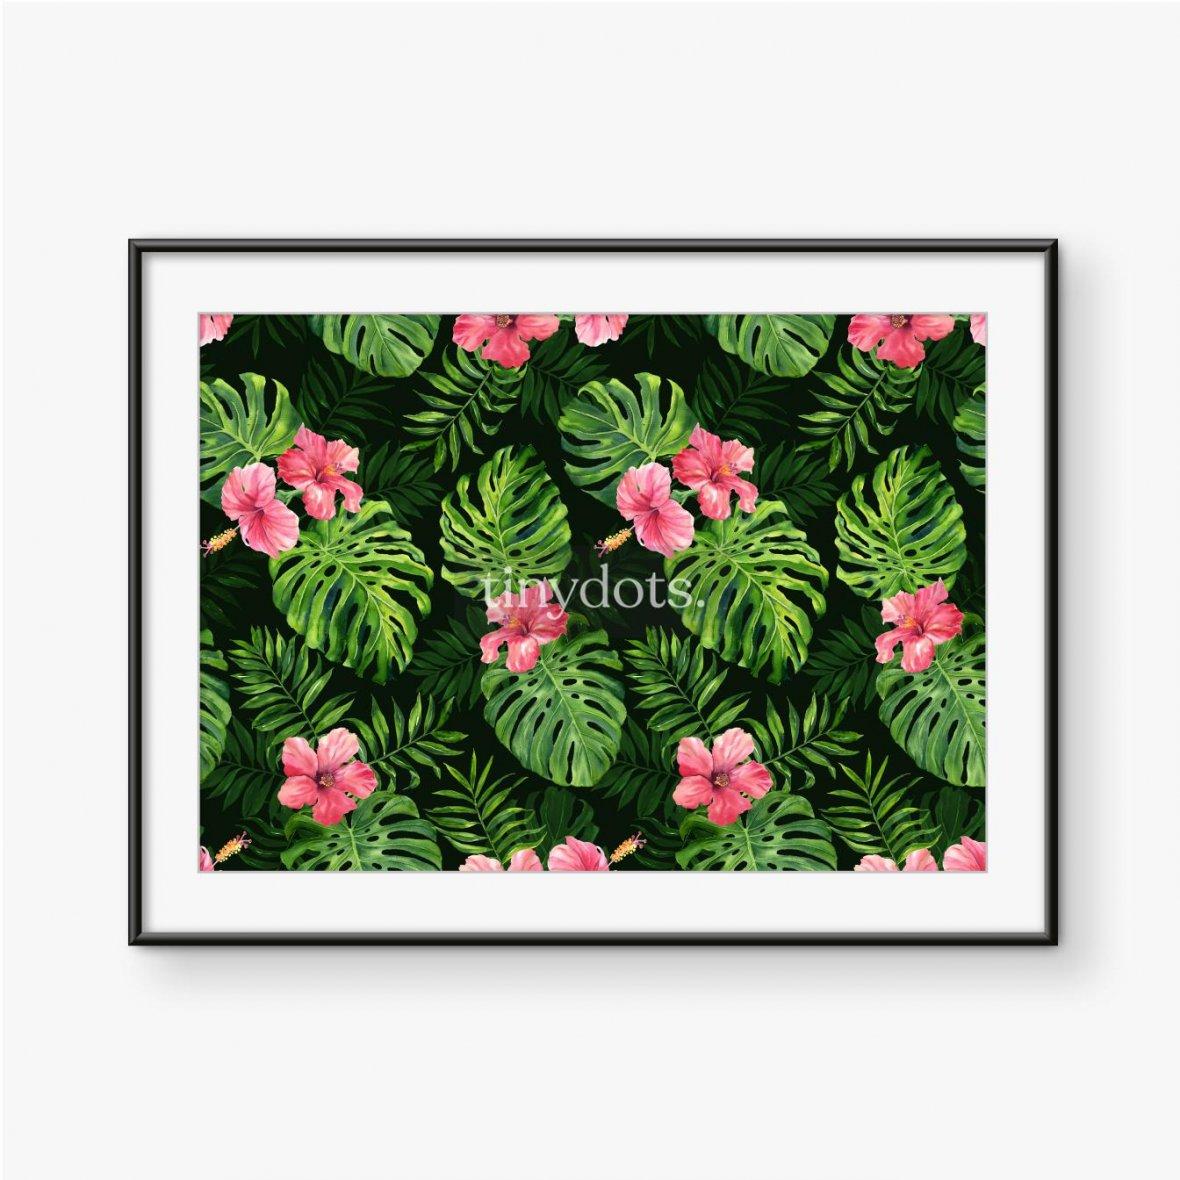 Plakat w ramie Intensywnie zielone liście tropikalne z różowymi kwiatami